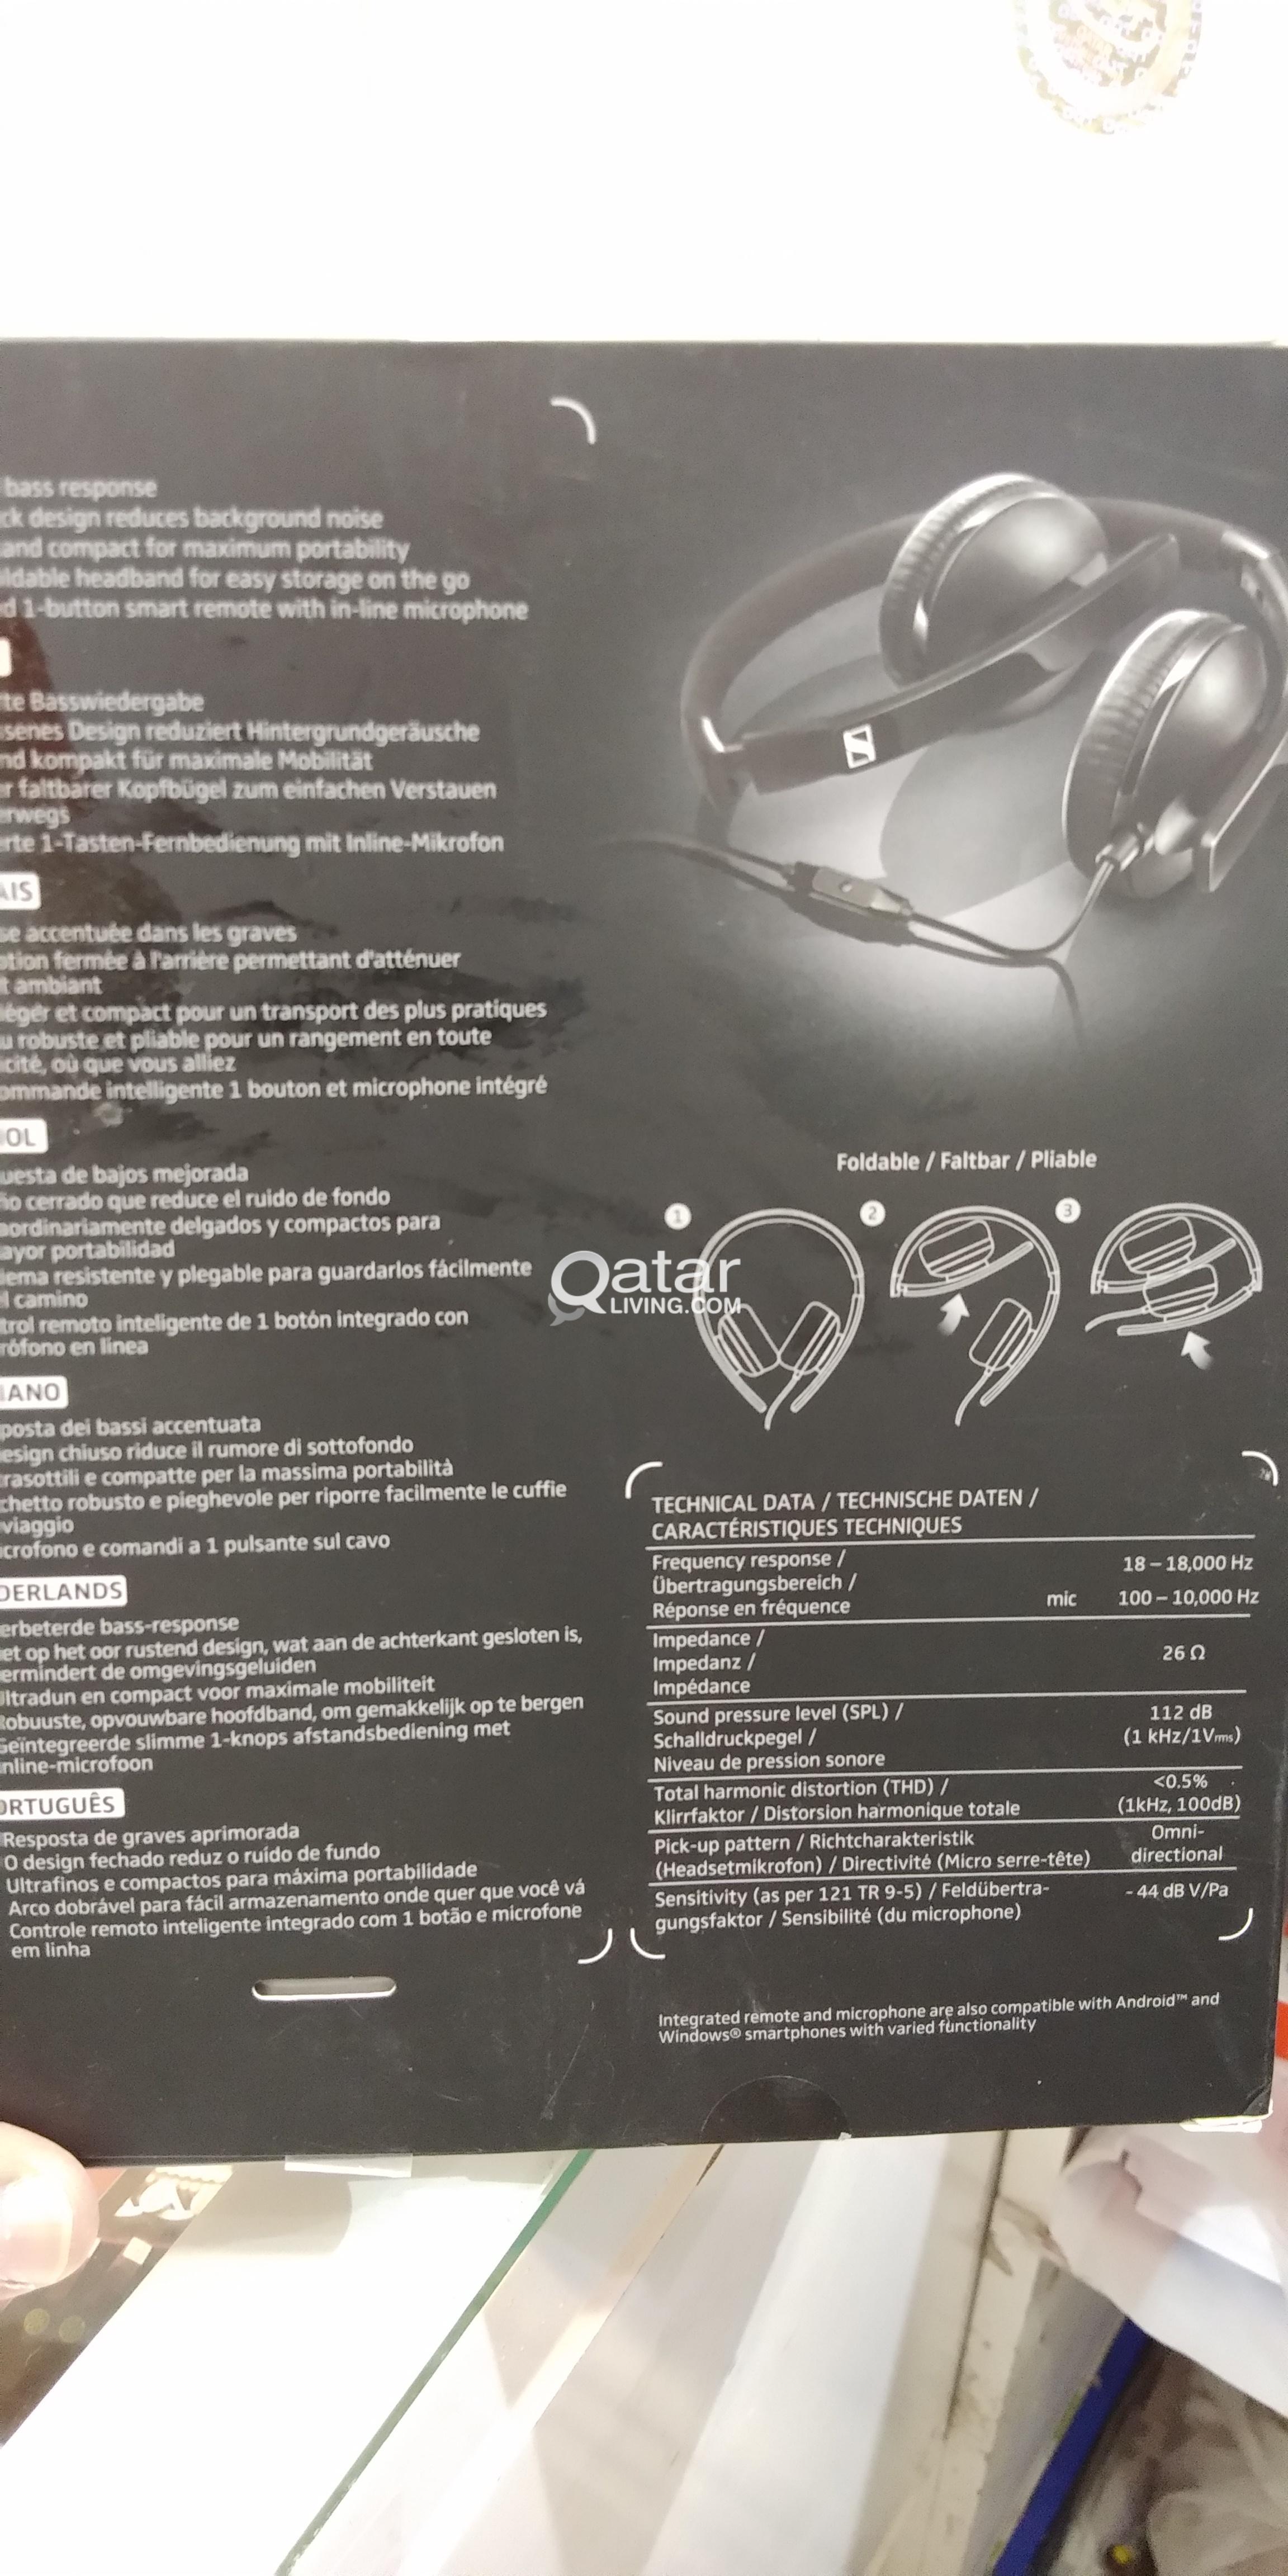 Sennheiser Hd 220s Qatar Living Headphone Title